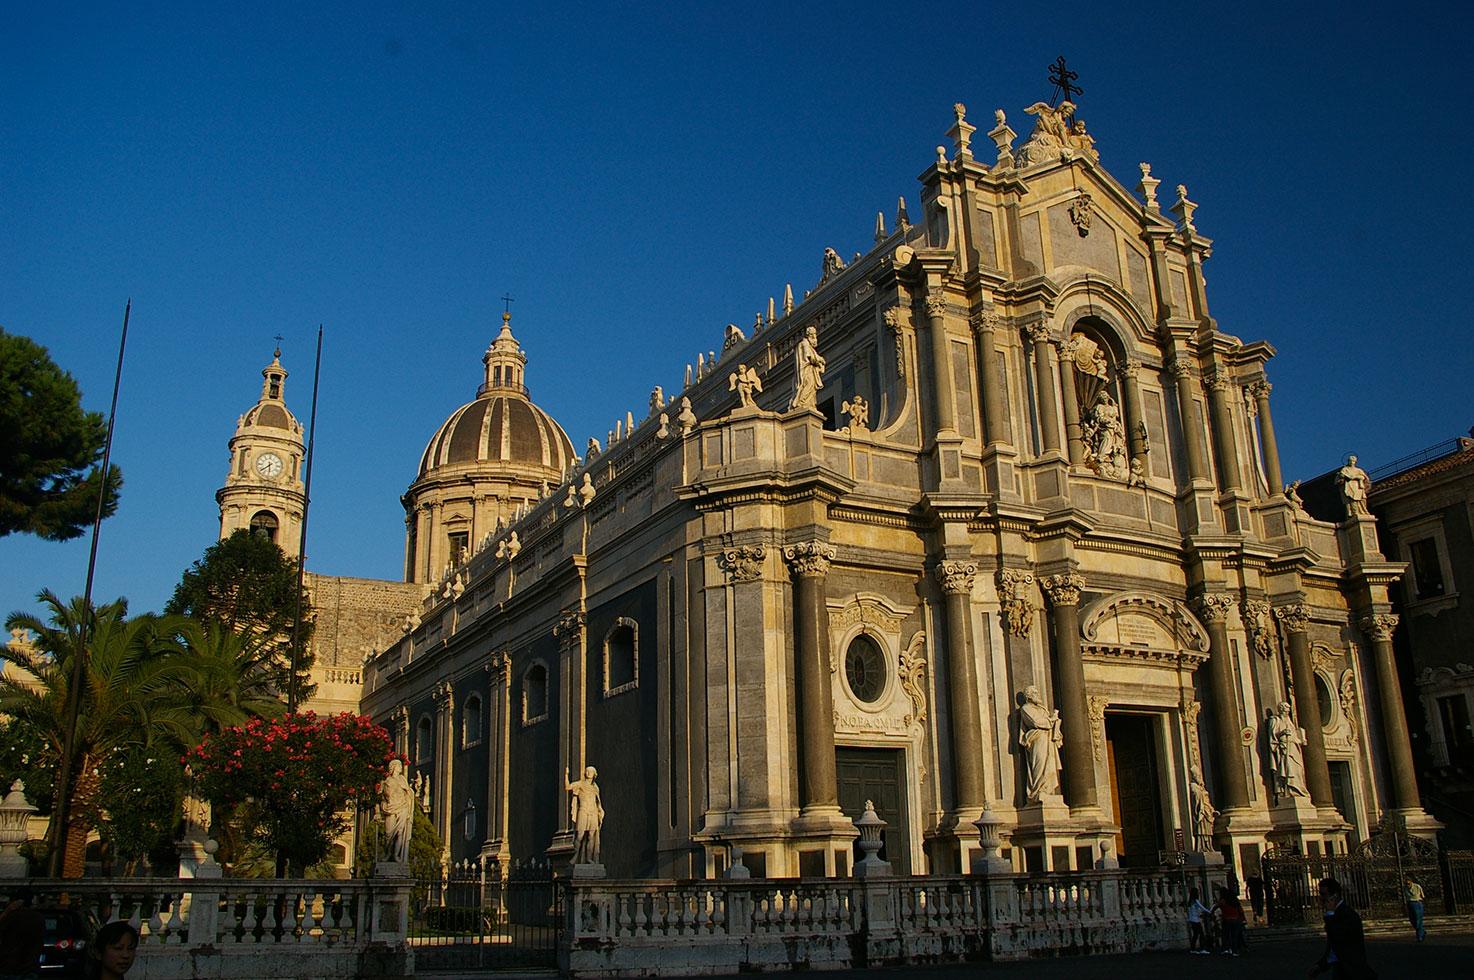 La cattedrale di Sant'Agata, patrona della città